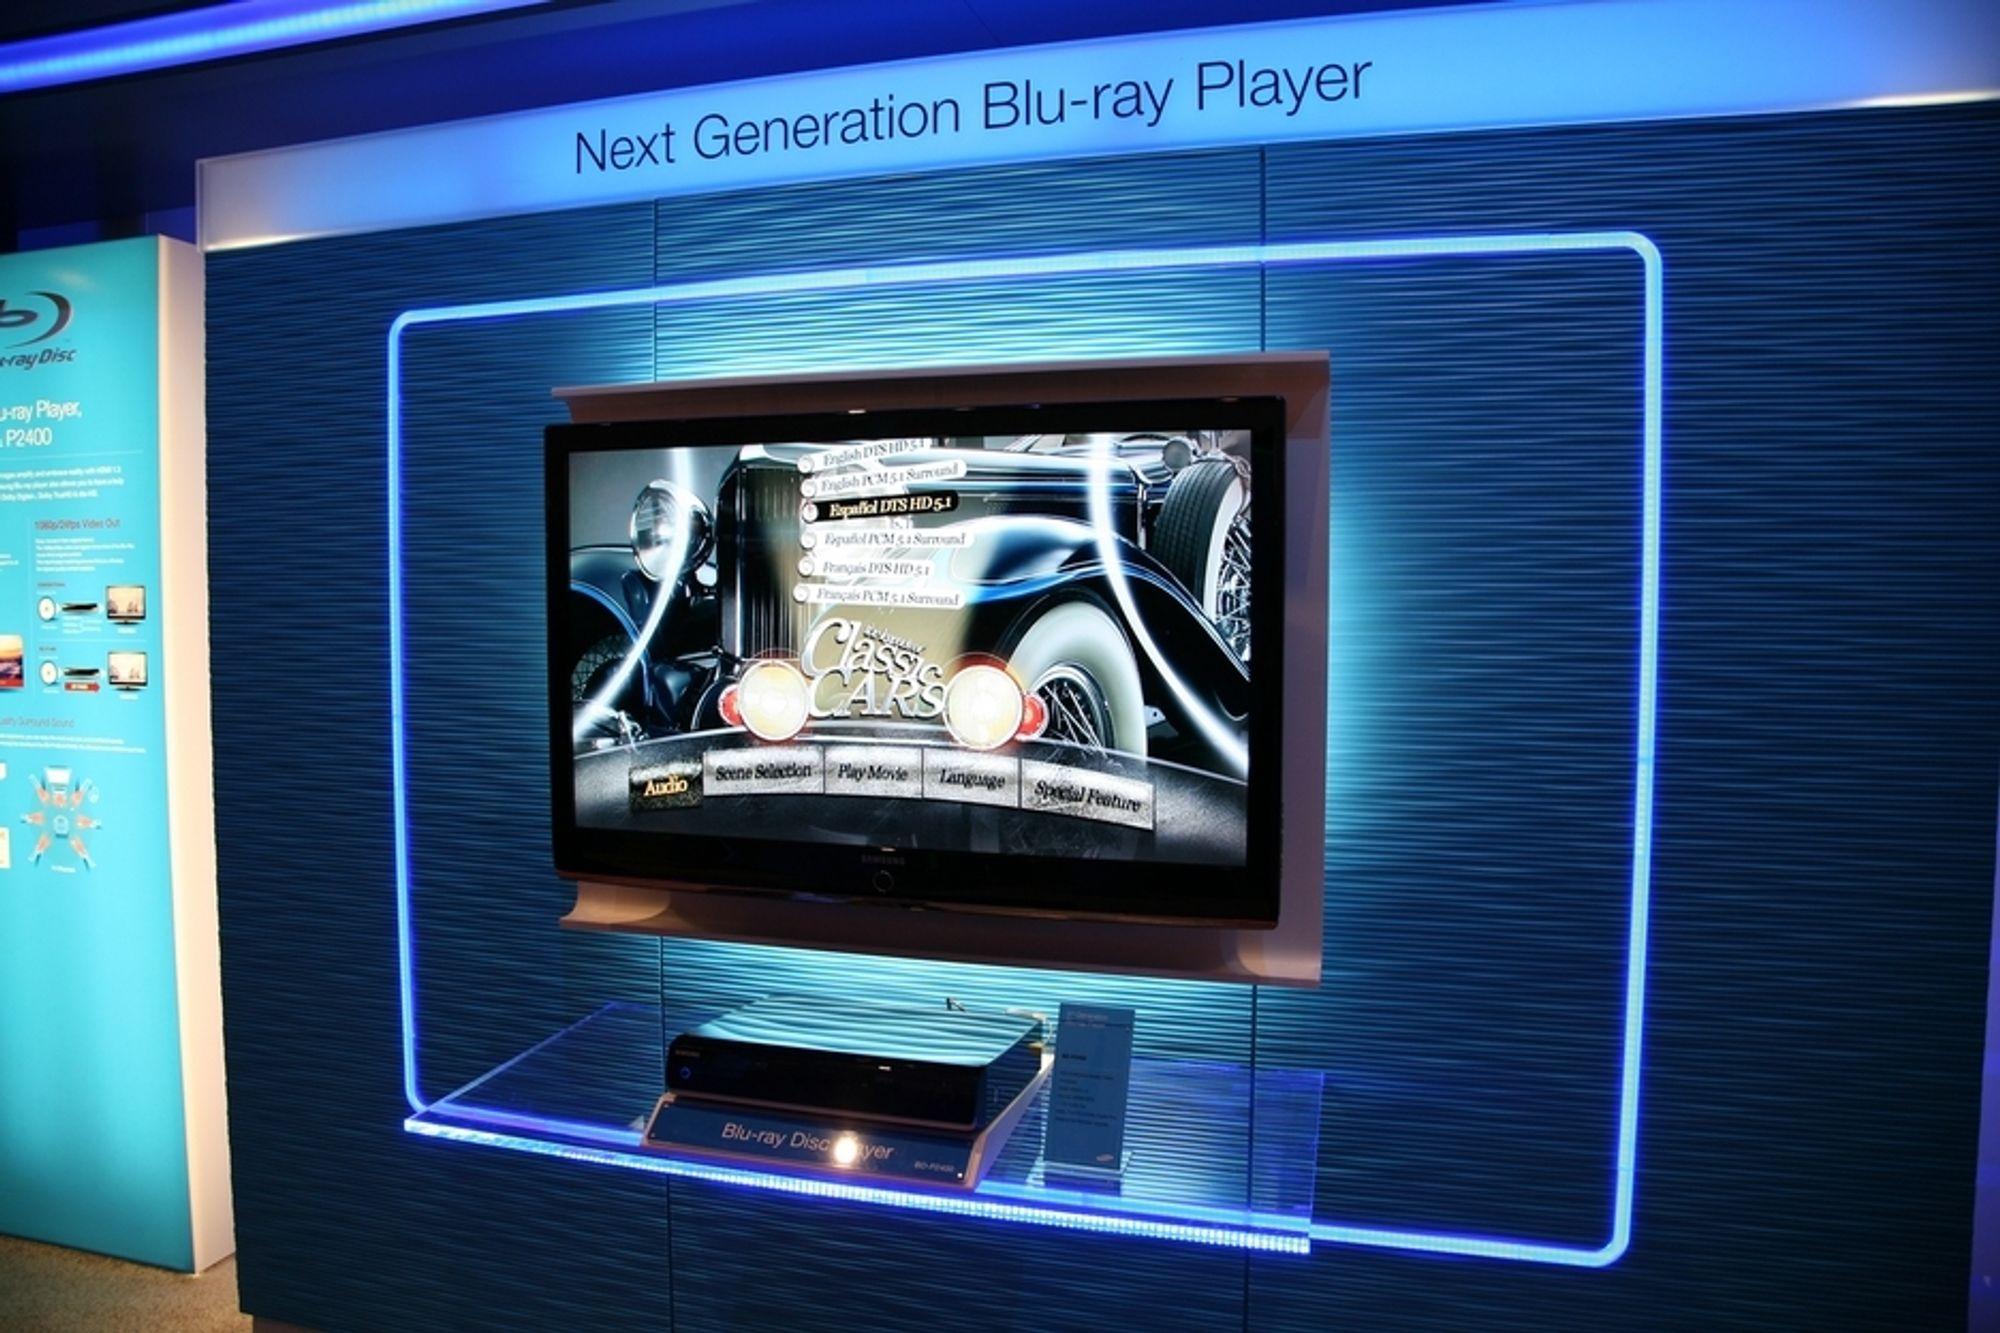 VINNER: Pornoindustrien og en del store filmselskaper har valgt å satse på neste generasjon Blu-Ray i stedet for HD-DVD. Valget til disse to grupperingene bruker å være utslagsgivende for hvilken fremtidsteknologi som kommer til å vinne.